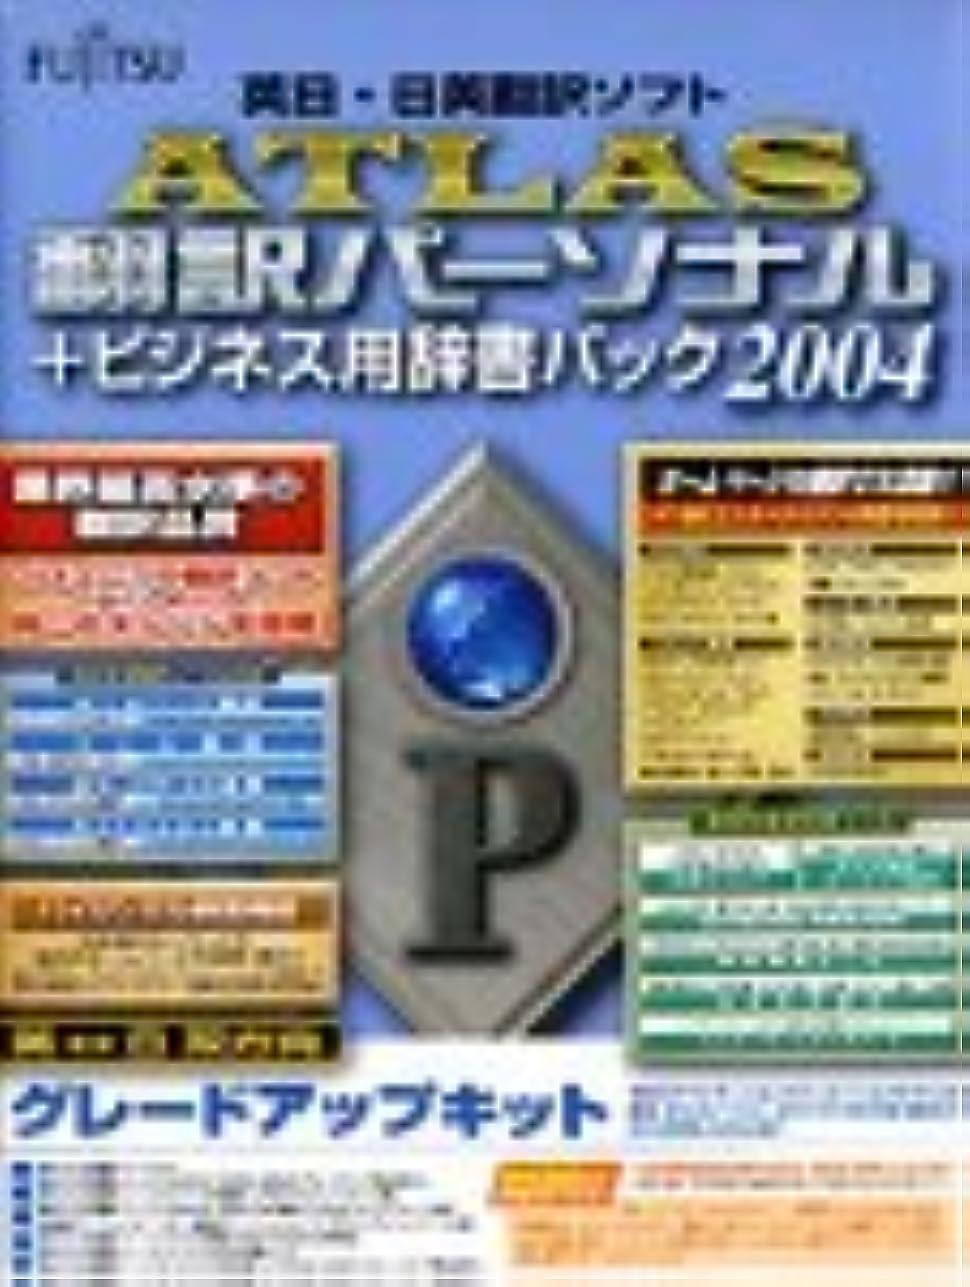 代表団電気技師非アクティブATLAS翻訳パーソナル+ビジネス用辞書パック グレードアップキット 2004